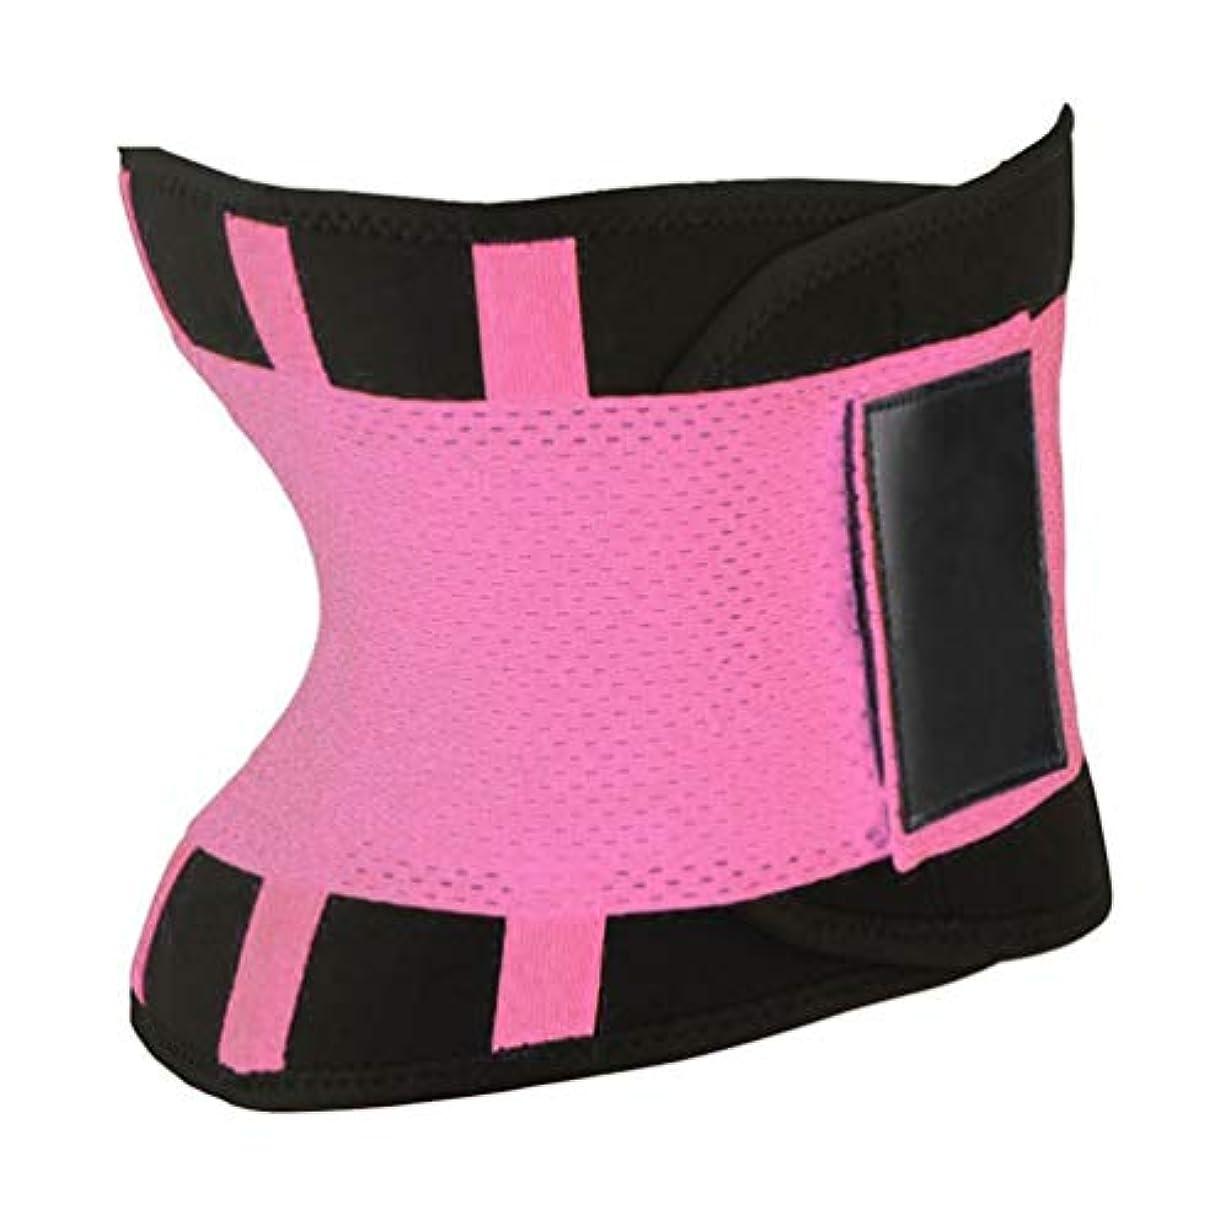 コントローラふりをする金属快適な女性ボディシェイパー痩身シェイパーベルトスポーツ女性ウエストトレーナーニッパー制御バーニングボディおなかベルト - ピンクM